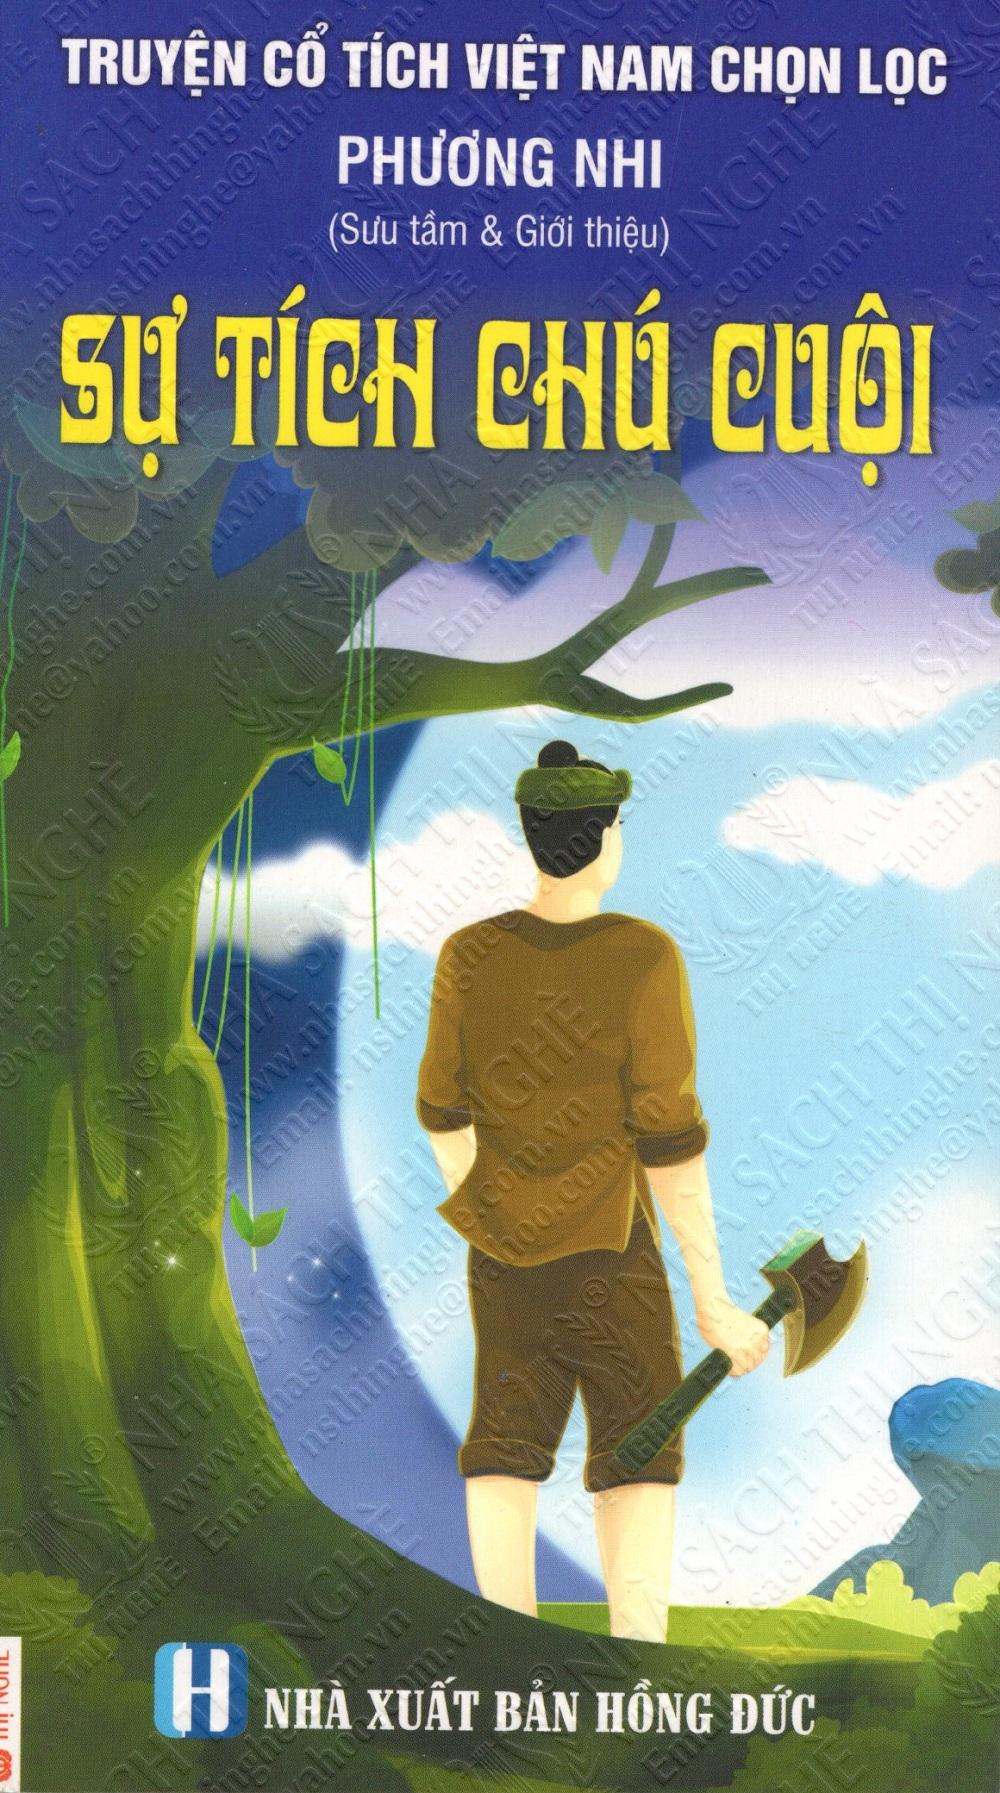 Bìa sách Truyện Cổ Tích Việt Nam Chọn Lọc: Sự Tích Chú Cuội